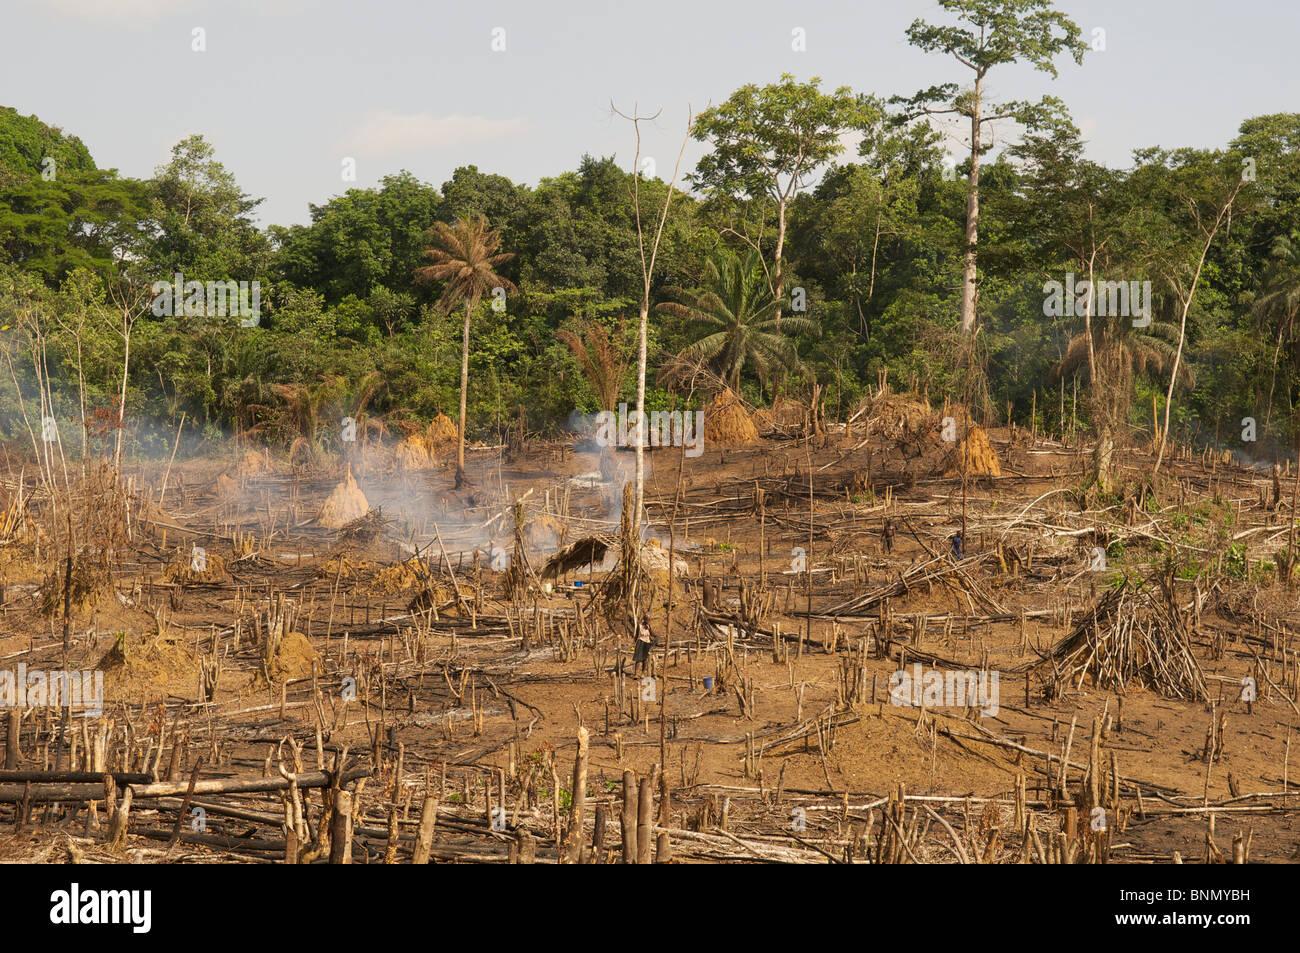 slash & burn deforestation in Liberia - Stock Image